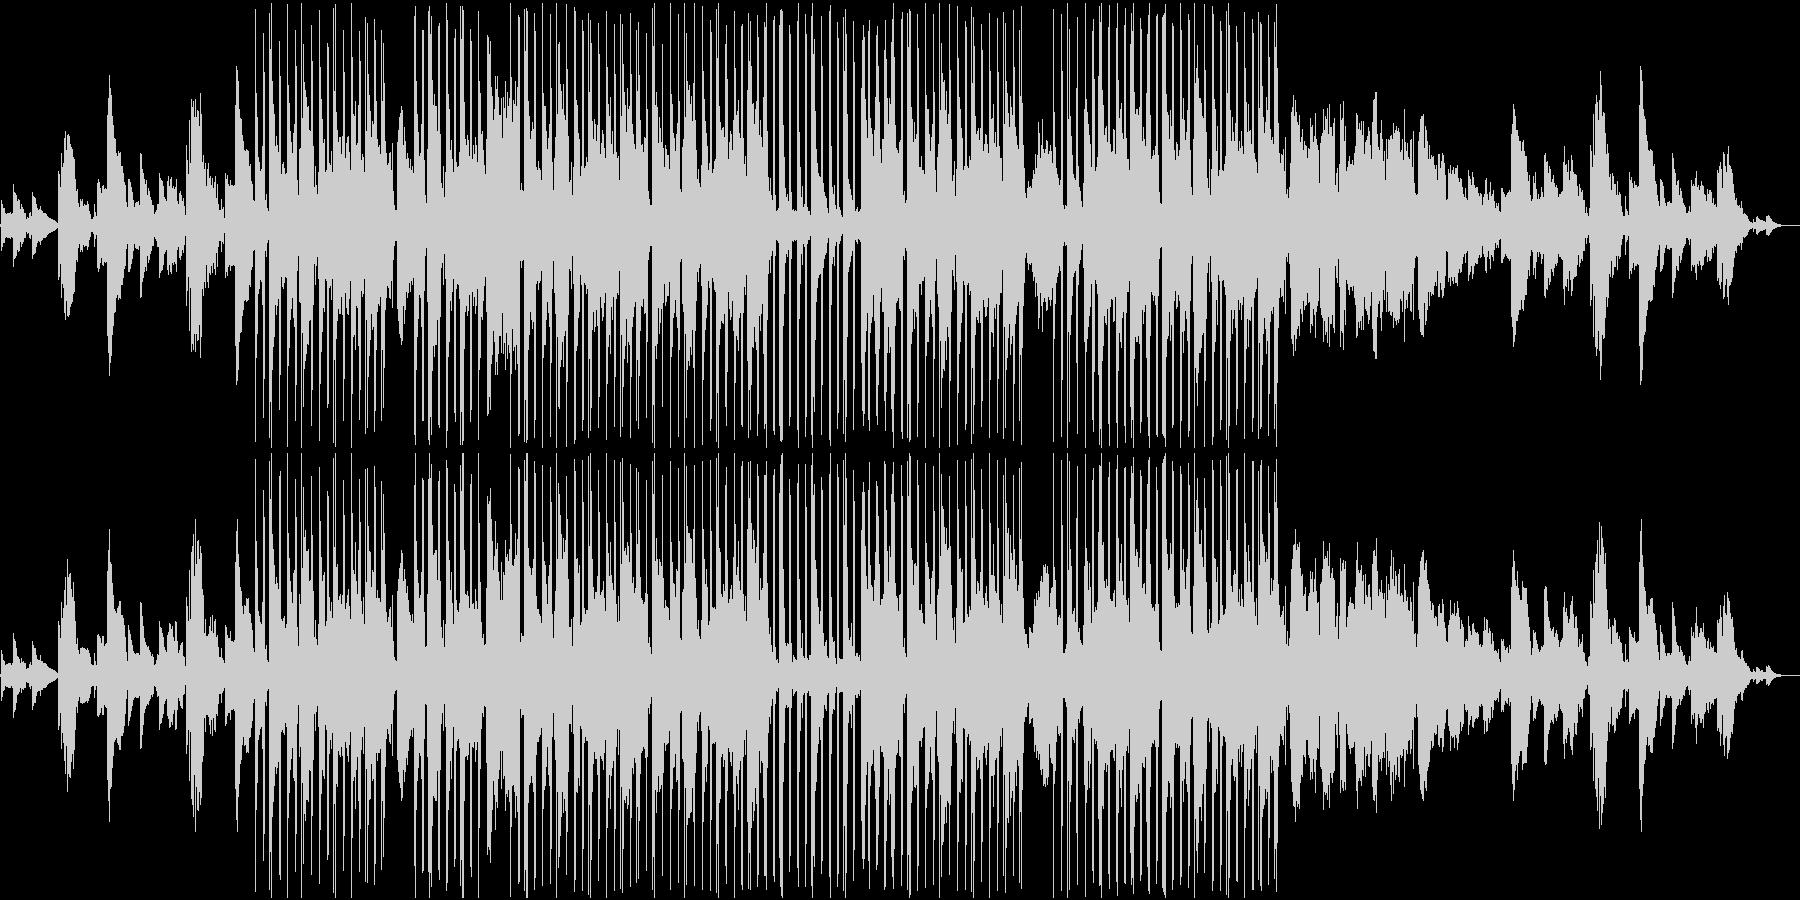 エレキギターのメロディが切ない曲の未再生の波形